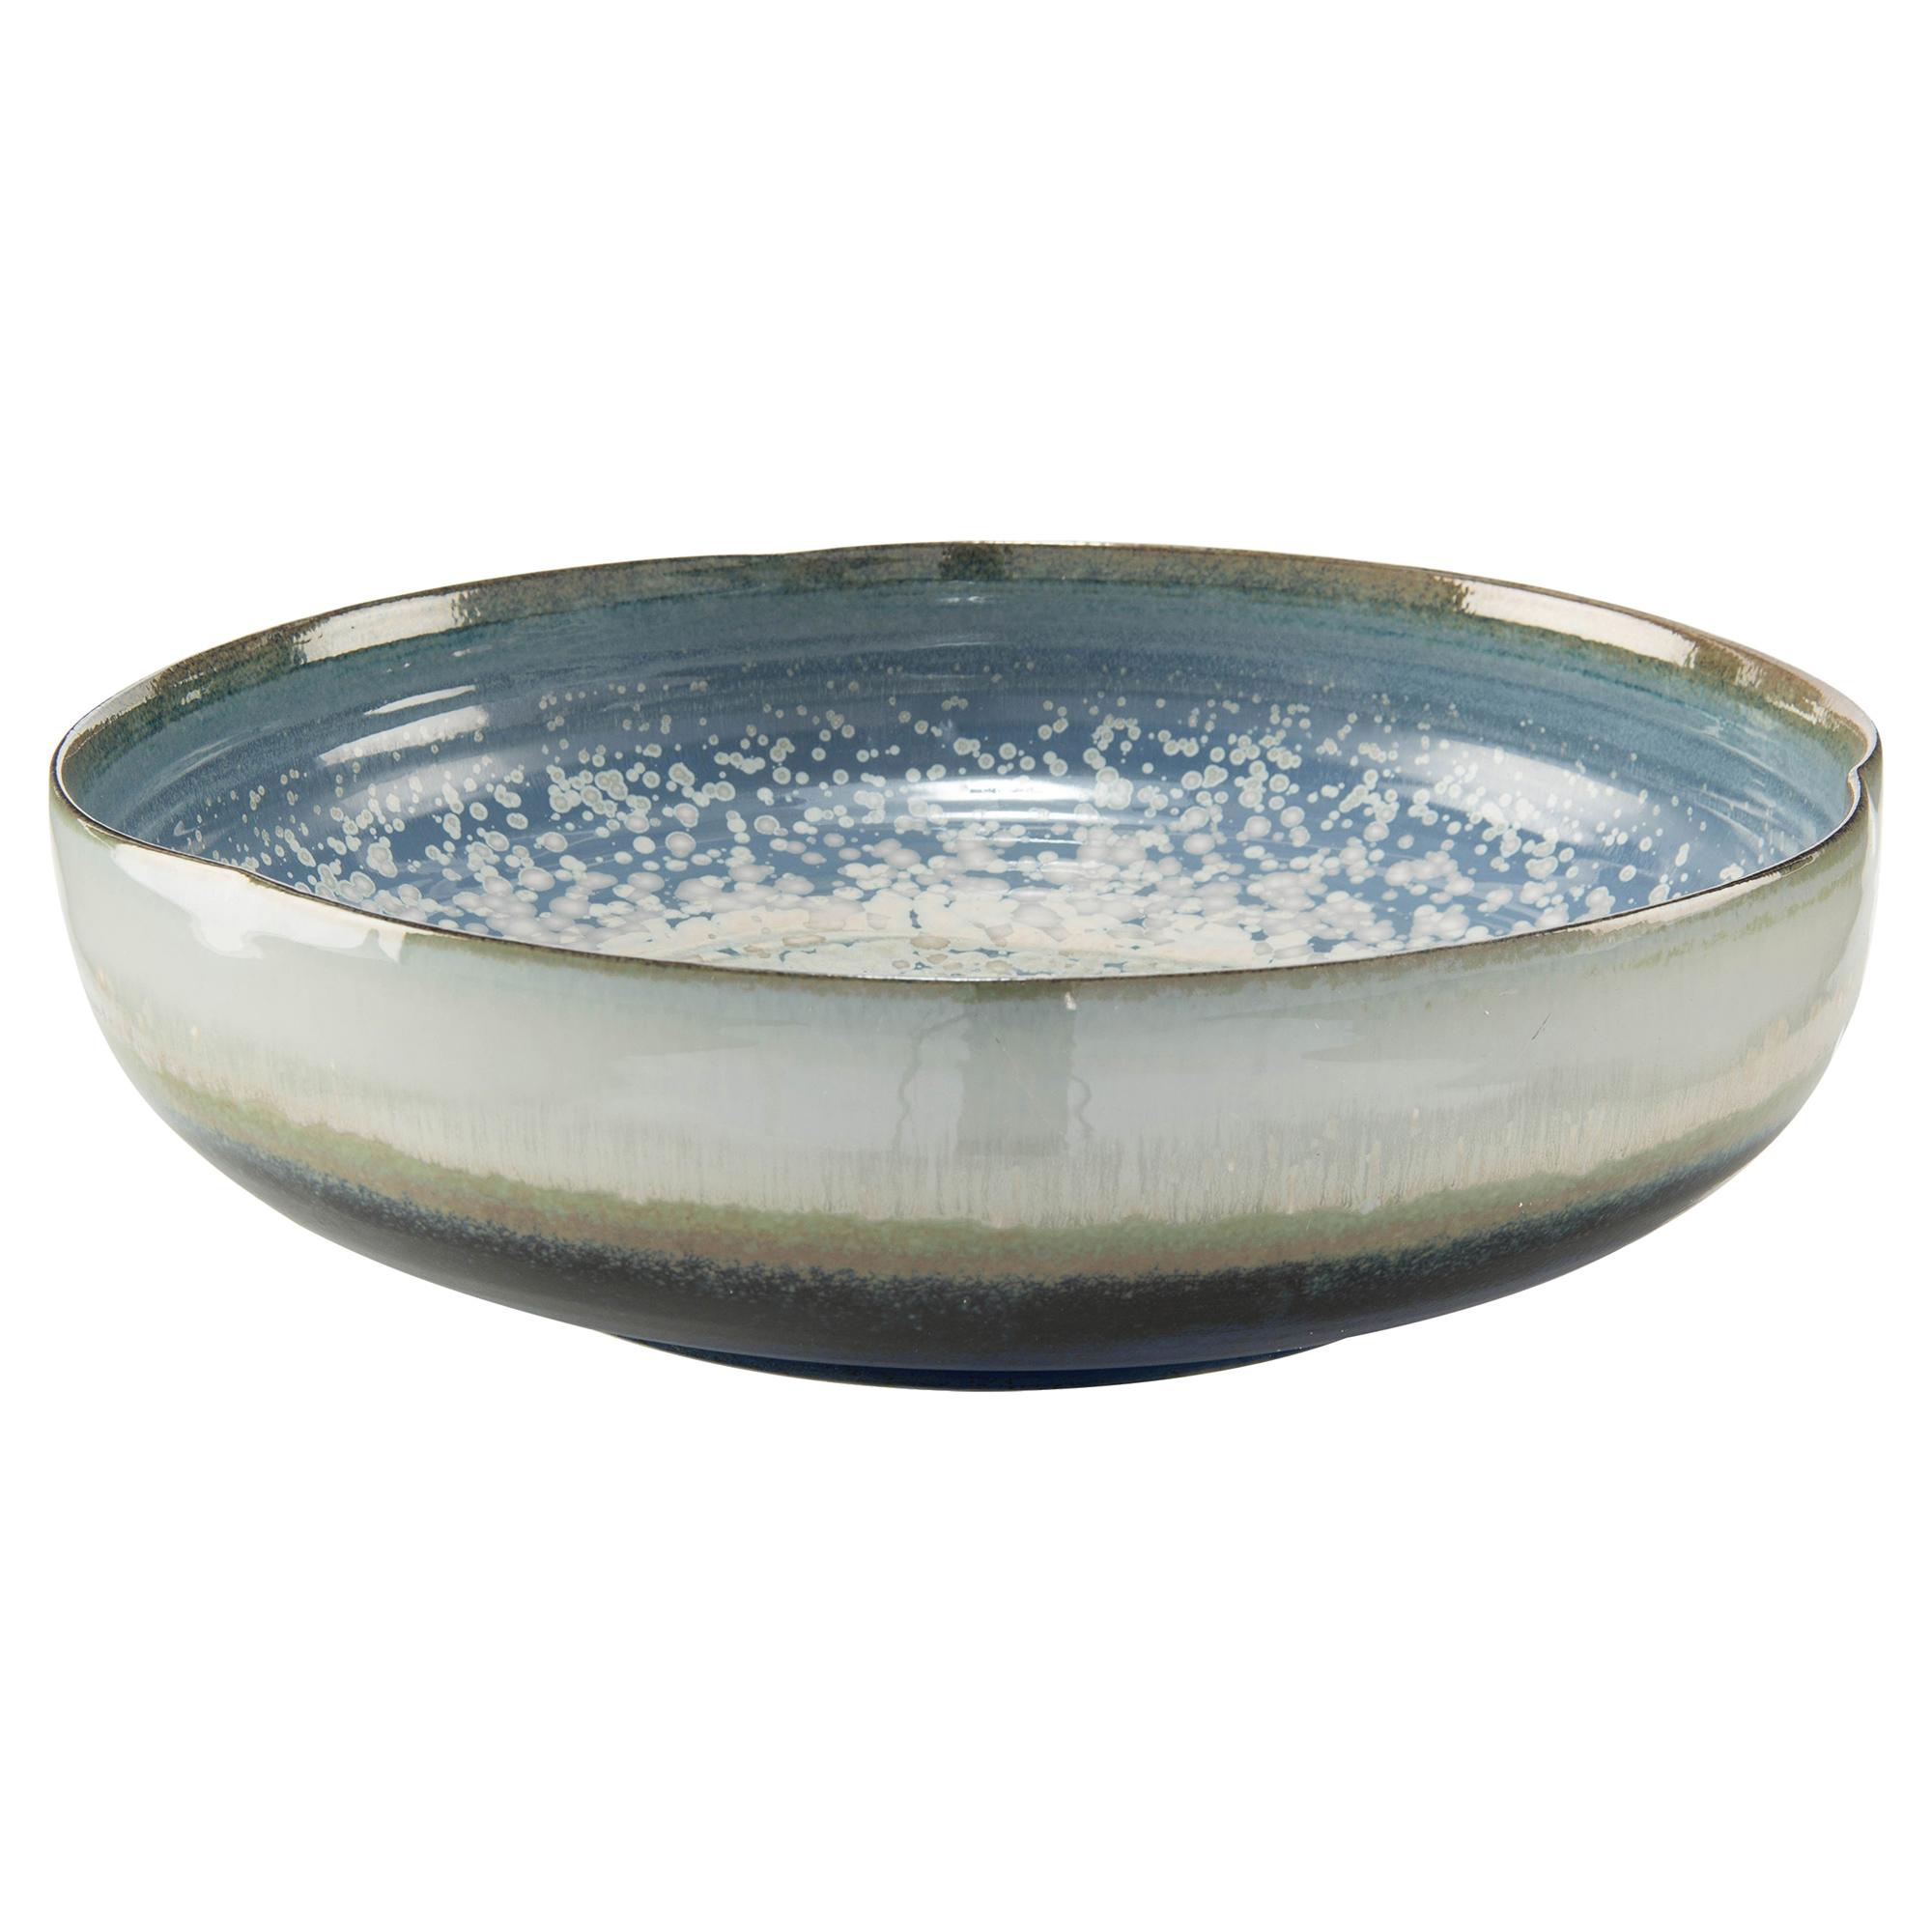 Shallow Reactive Glaze Blue Ceramic Decorative Bowl